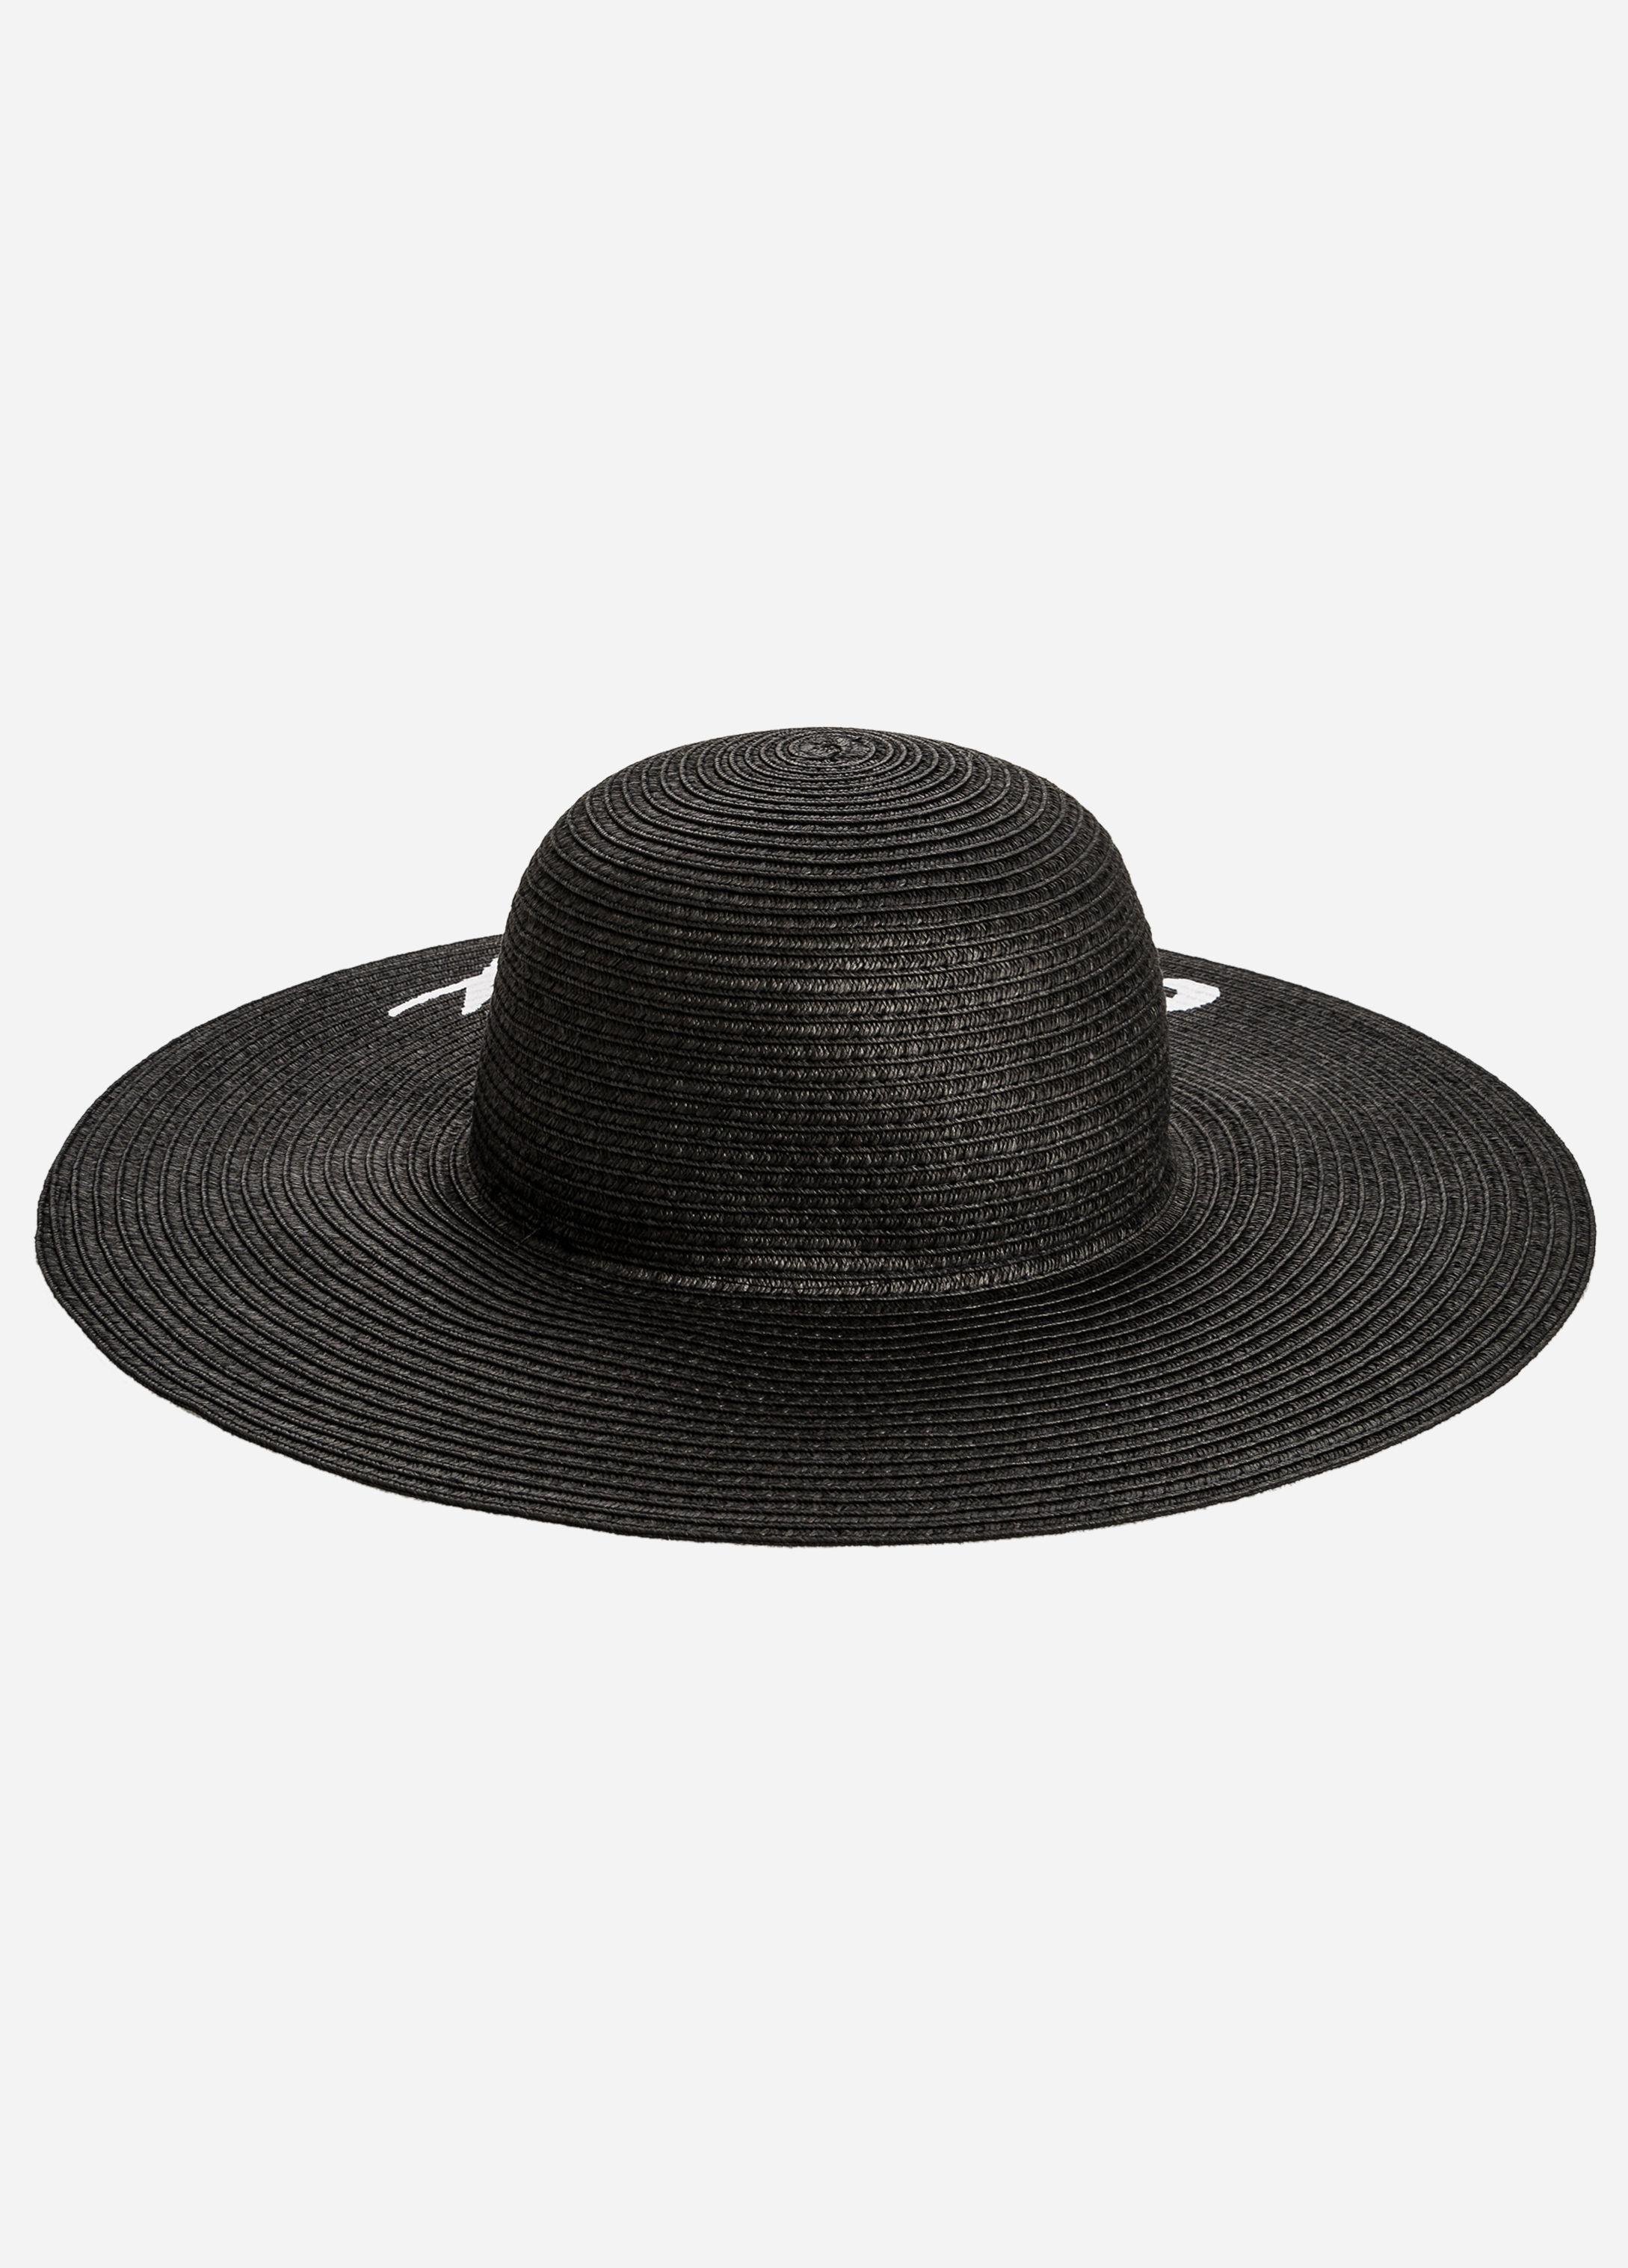 Lyst - Ashley Stewart Bridal  Wifey Floppy Straw Hat in Black 78a56ebcd0c